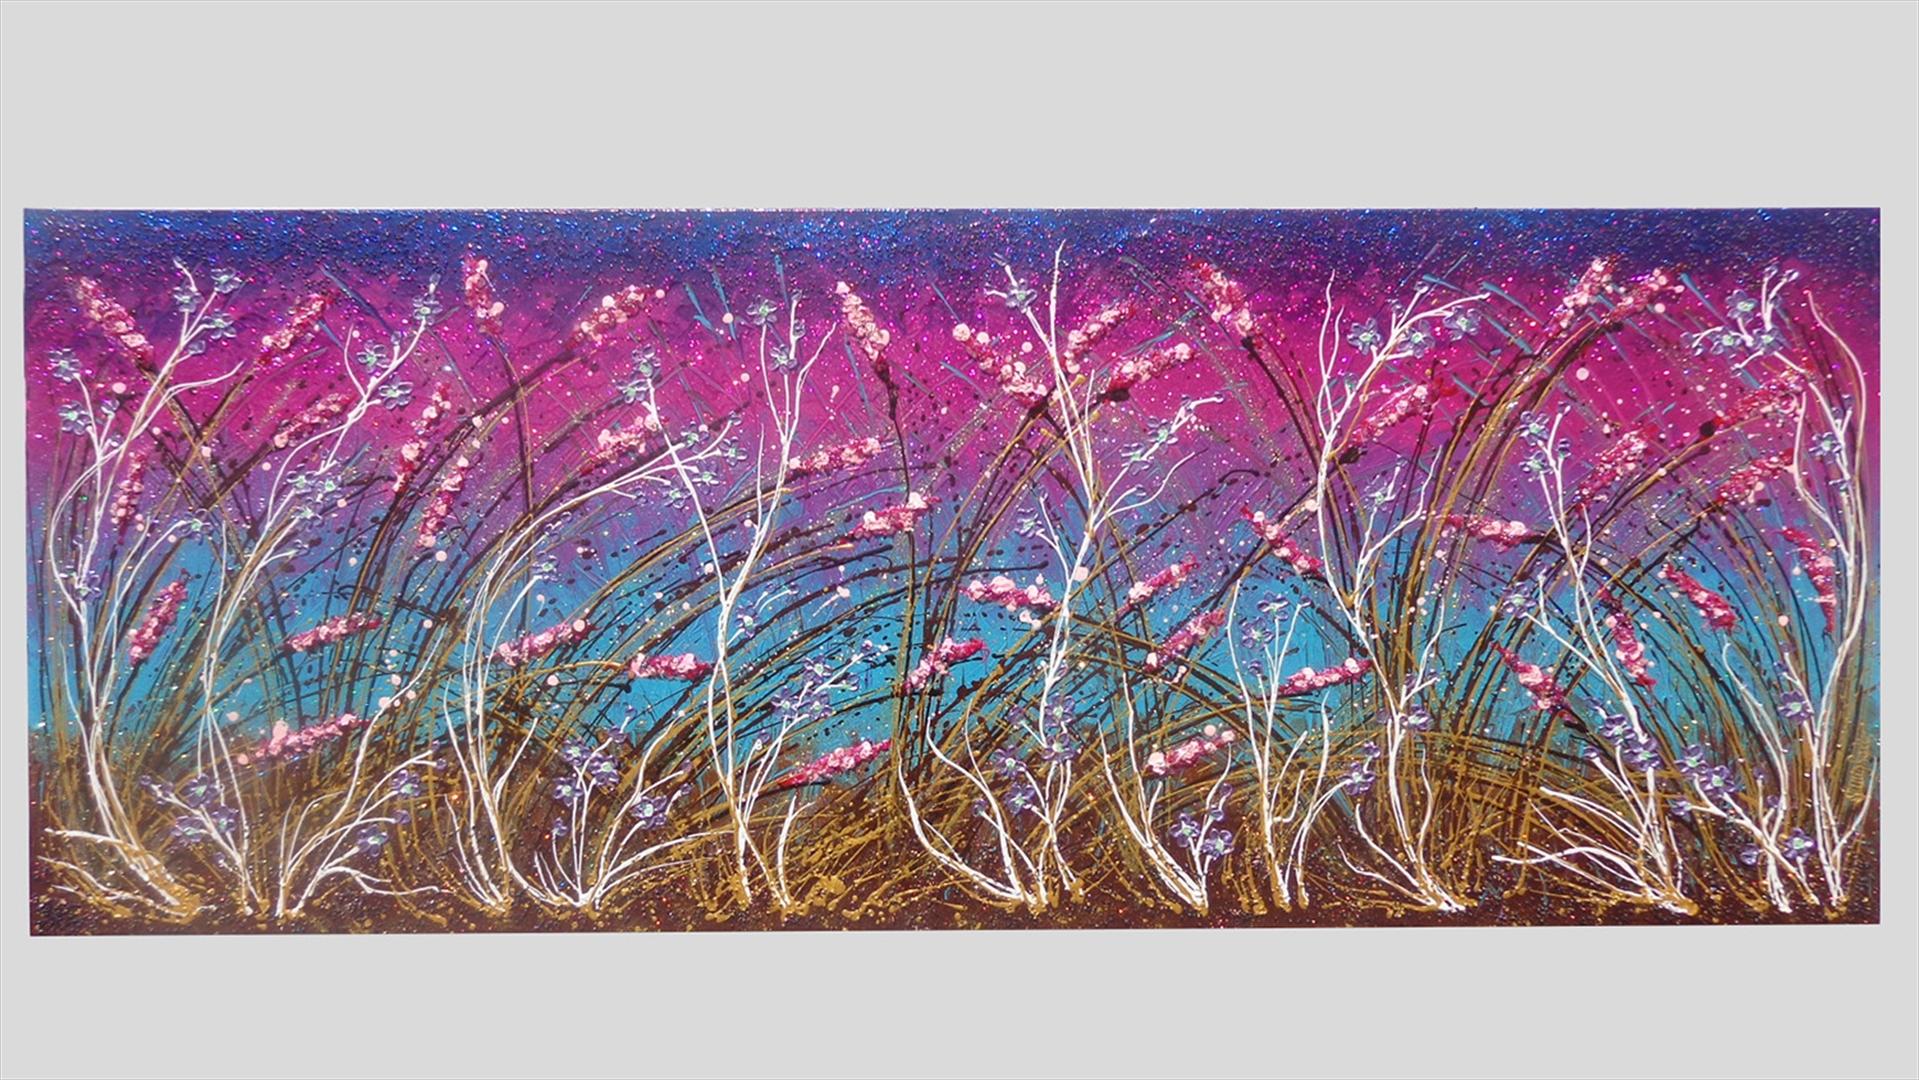 Distesa di fiori sfumati vendita quadri online quadri for Quadri astratti immagini